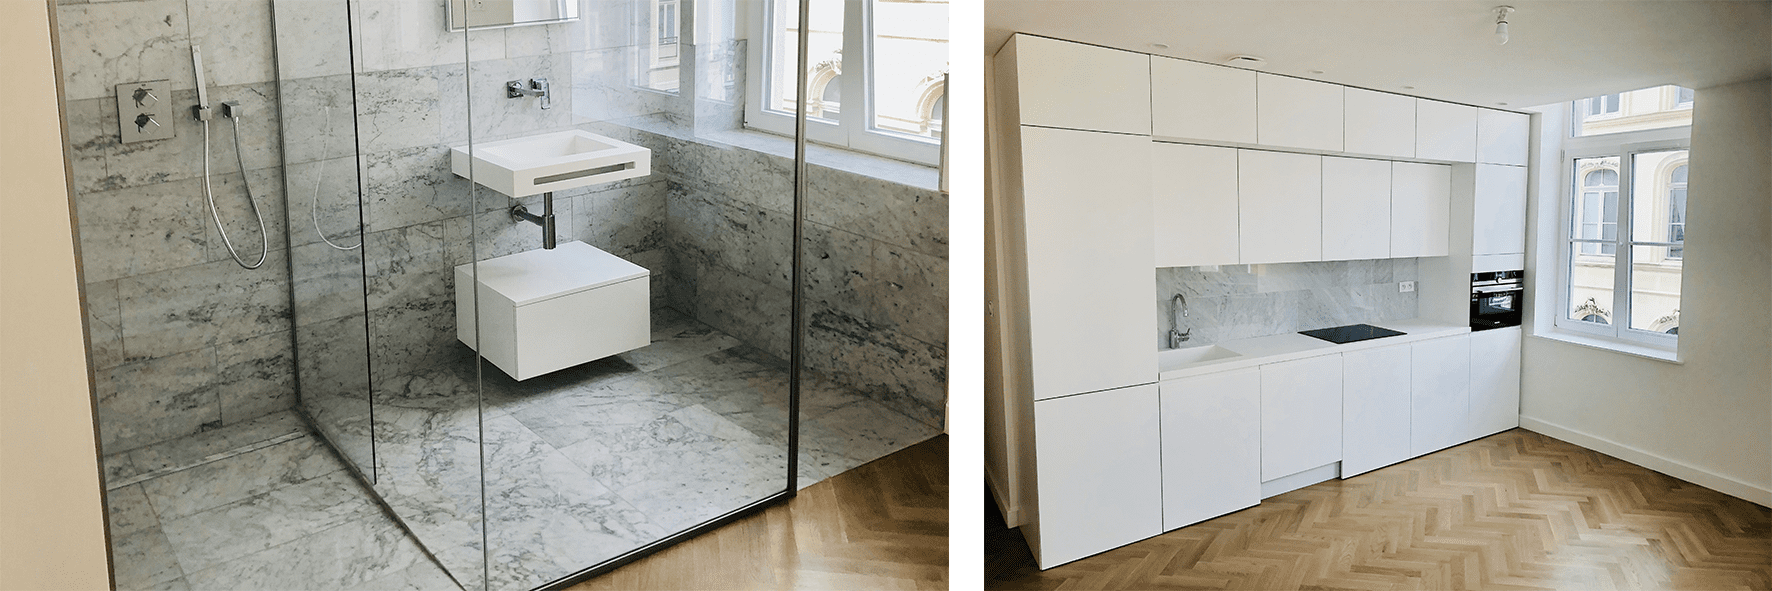 intérieur-programme-immobilier-lille-haut-de-gamme-2020